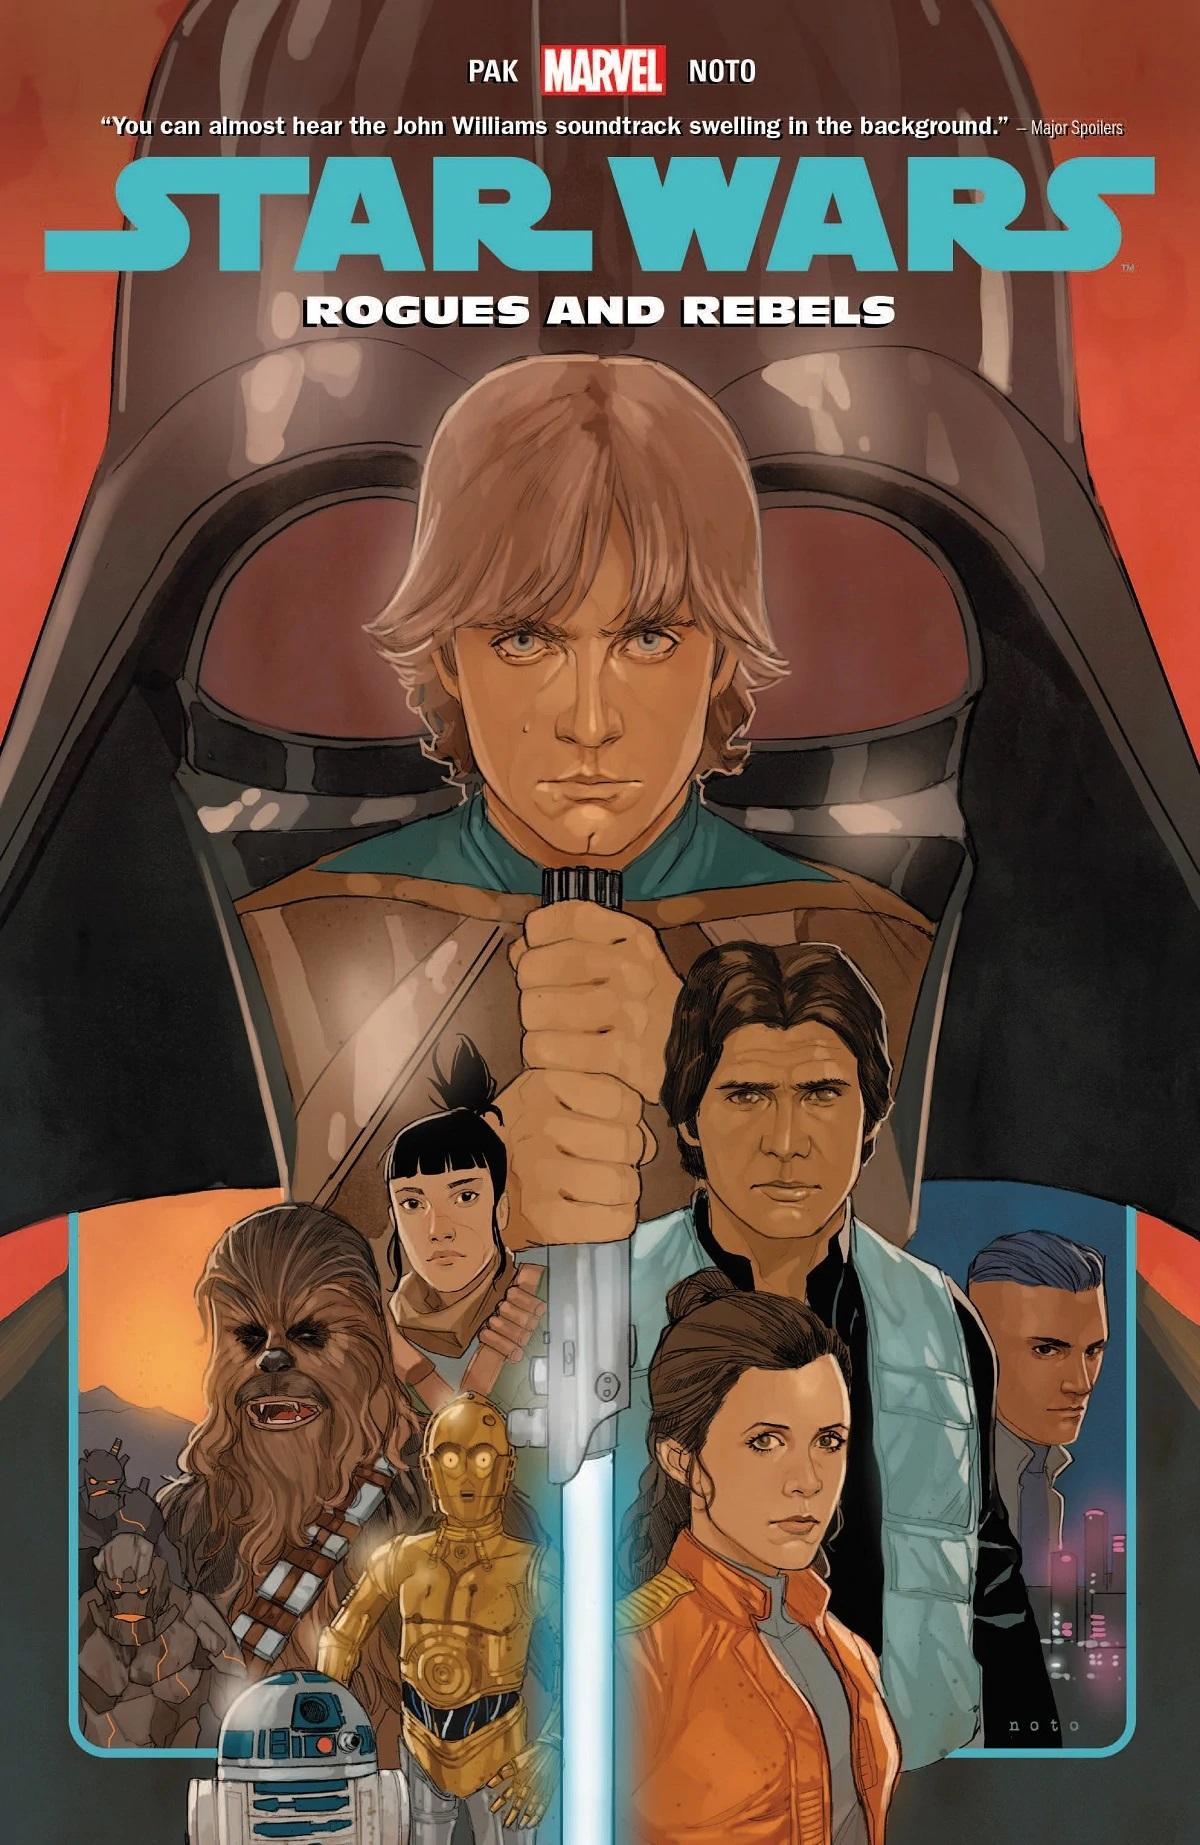 Звёздные войны: Выпуск 13 — Мятежники и изгои